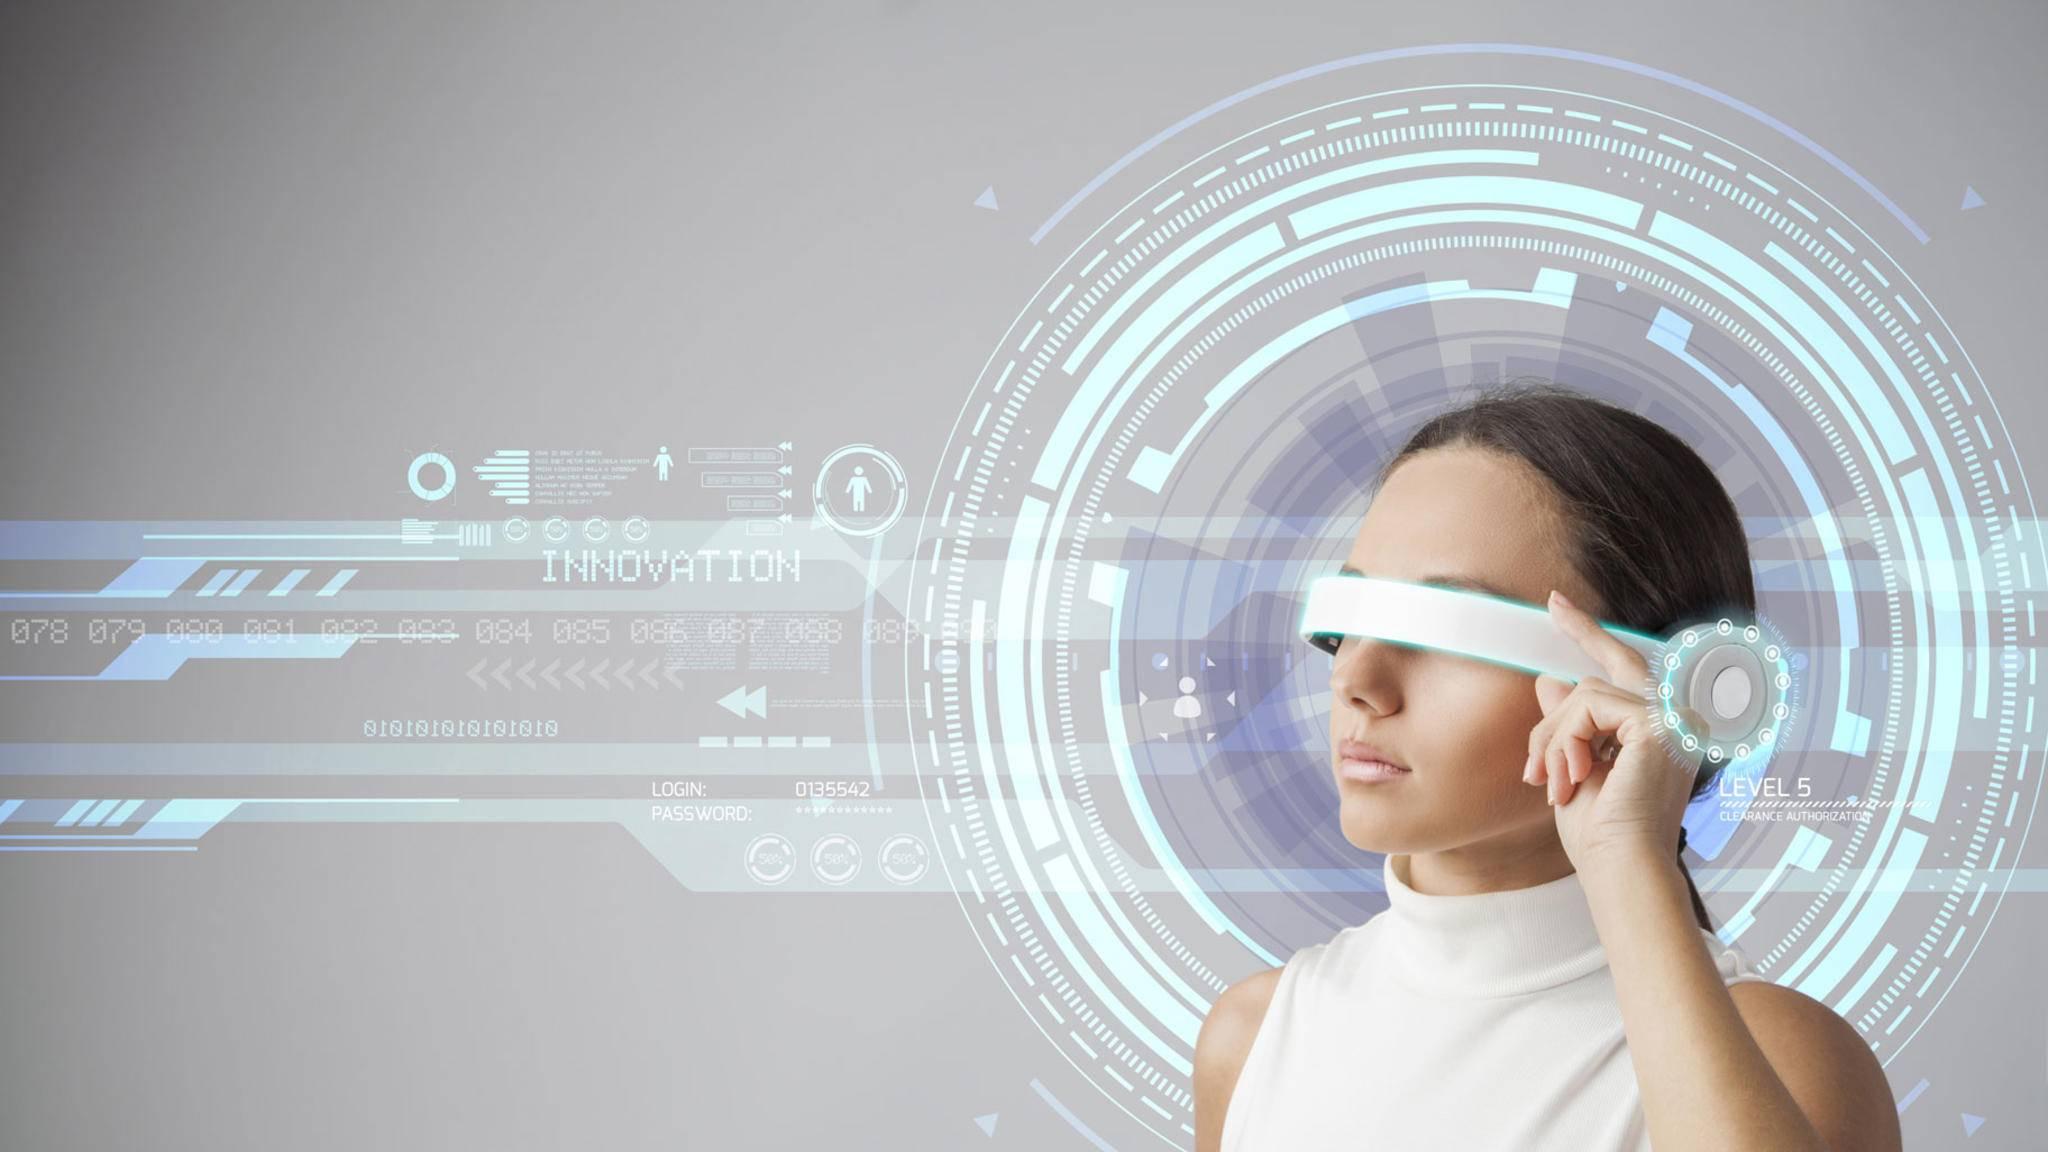 Apples AR-Brille setzt voraussichtlich auf microLEDs (hier ein Symbolbild).